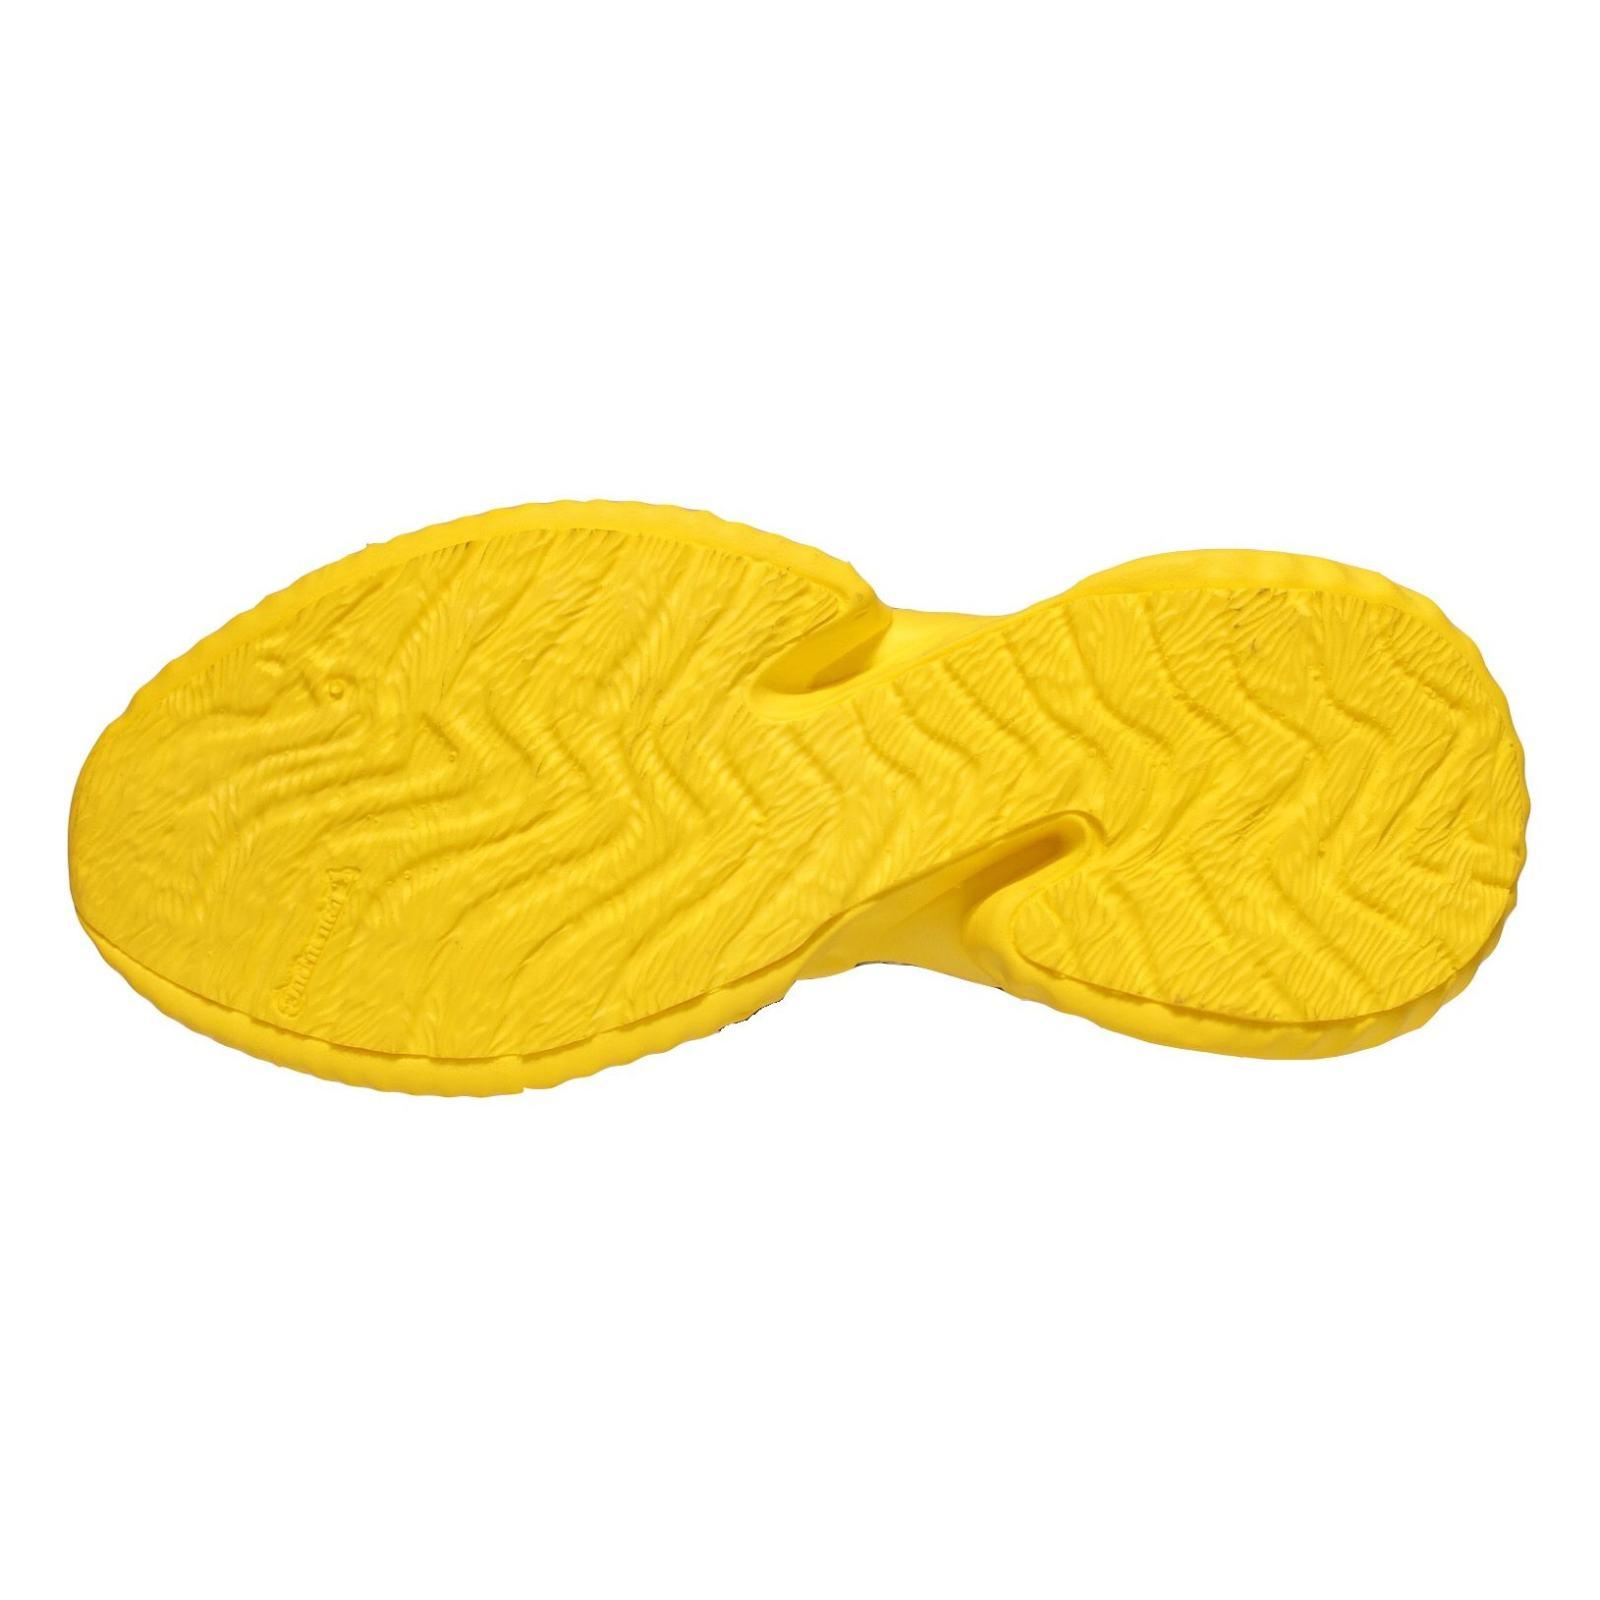 کفش مخصوص پیاده روی مردانه کد adiza001 main 1 4